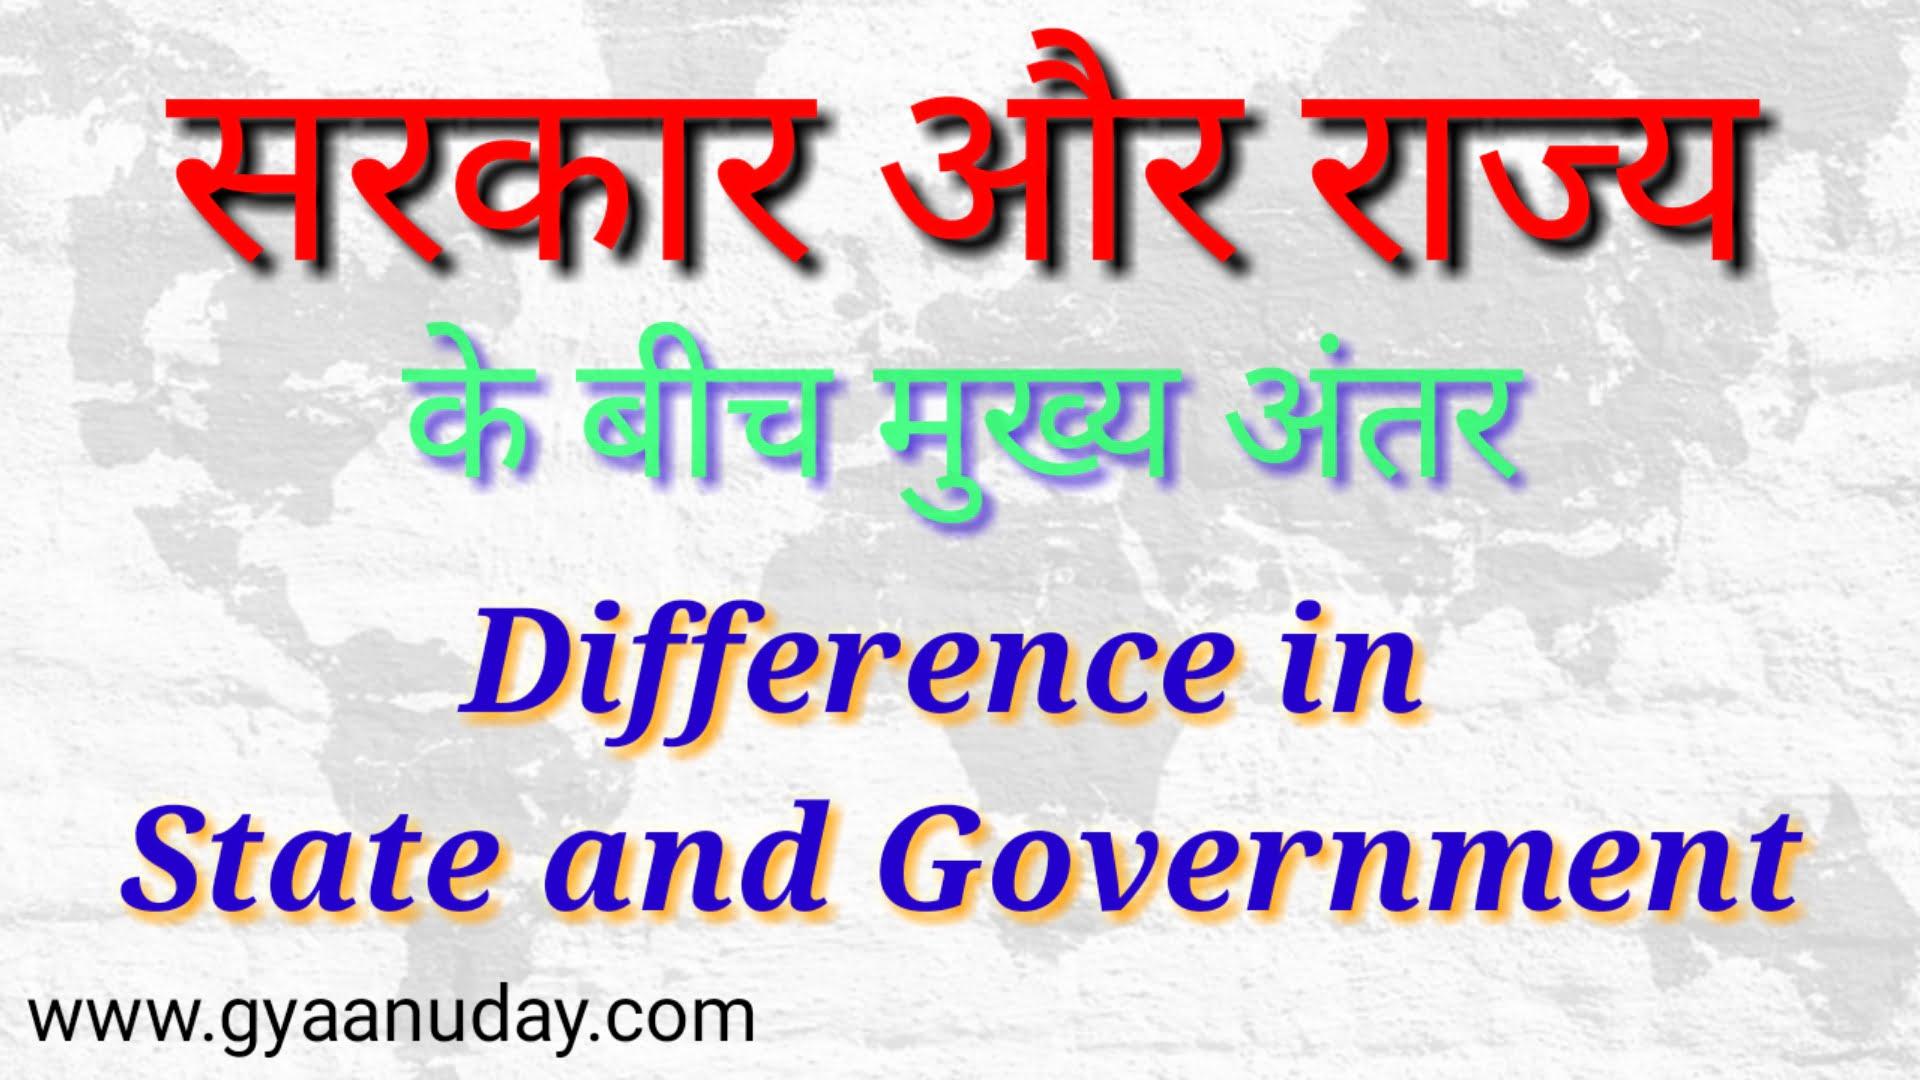 सरकार और राज्य के बीच अंतर